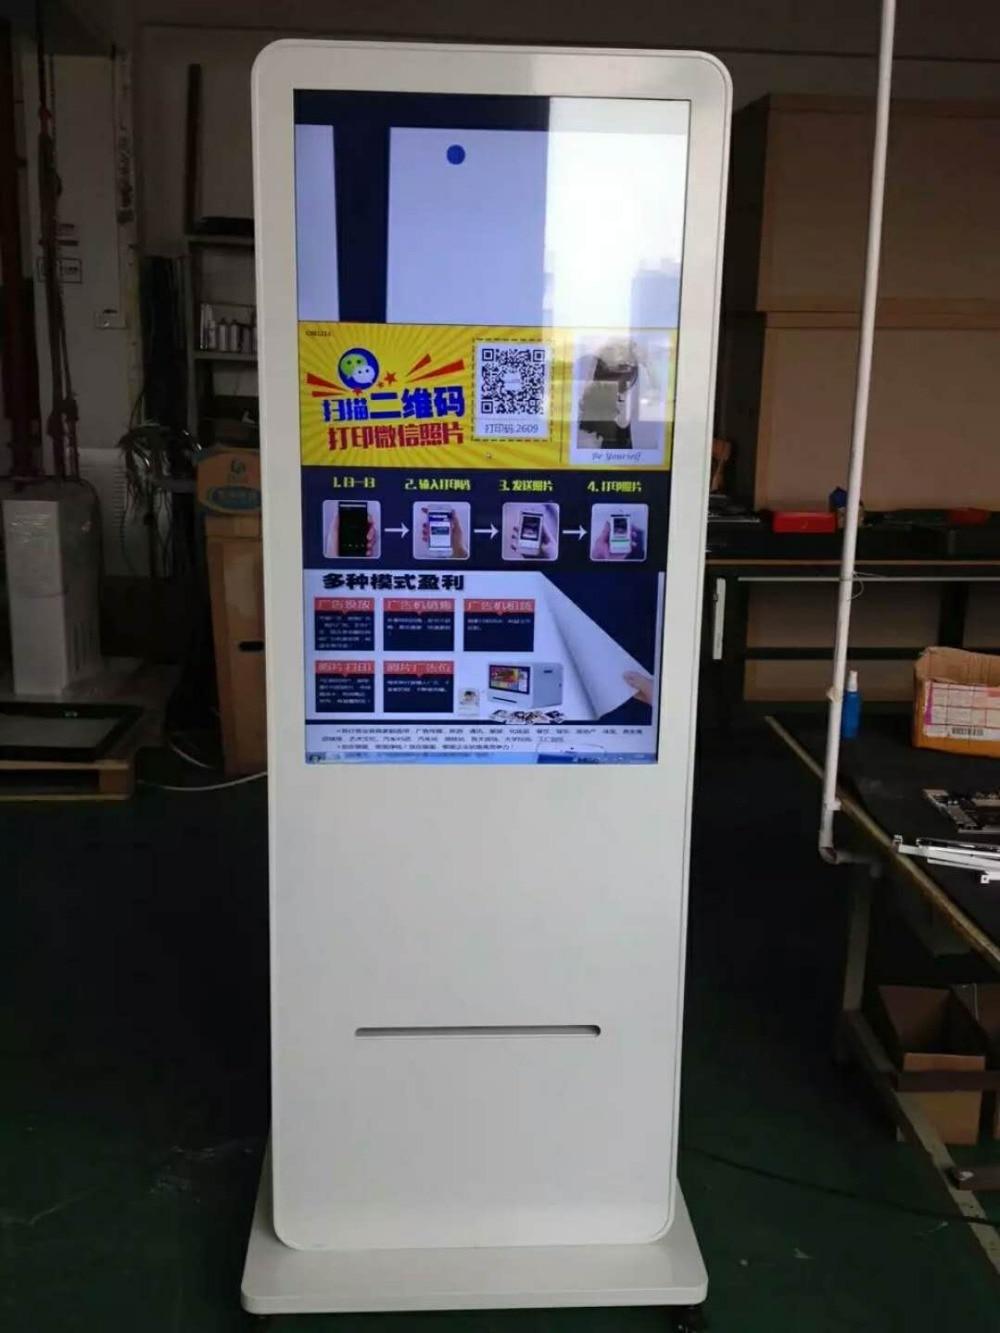 Webchat ou instogramme photo imprimante tout en un avec lecteur d'affichage numérique tactile lcd hd/affichage numérique vidéo autonome